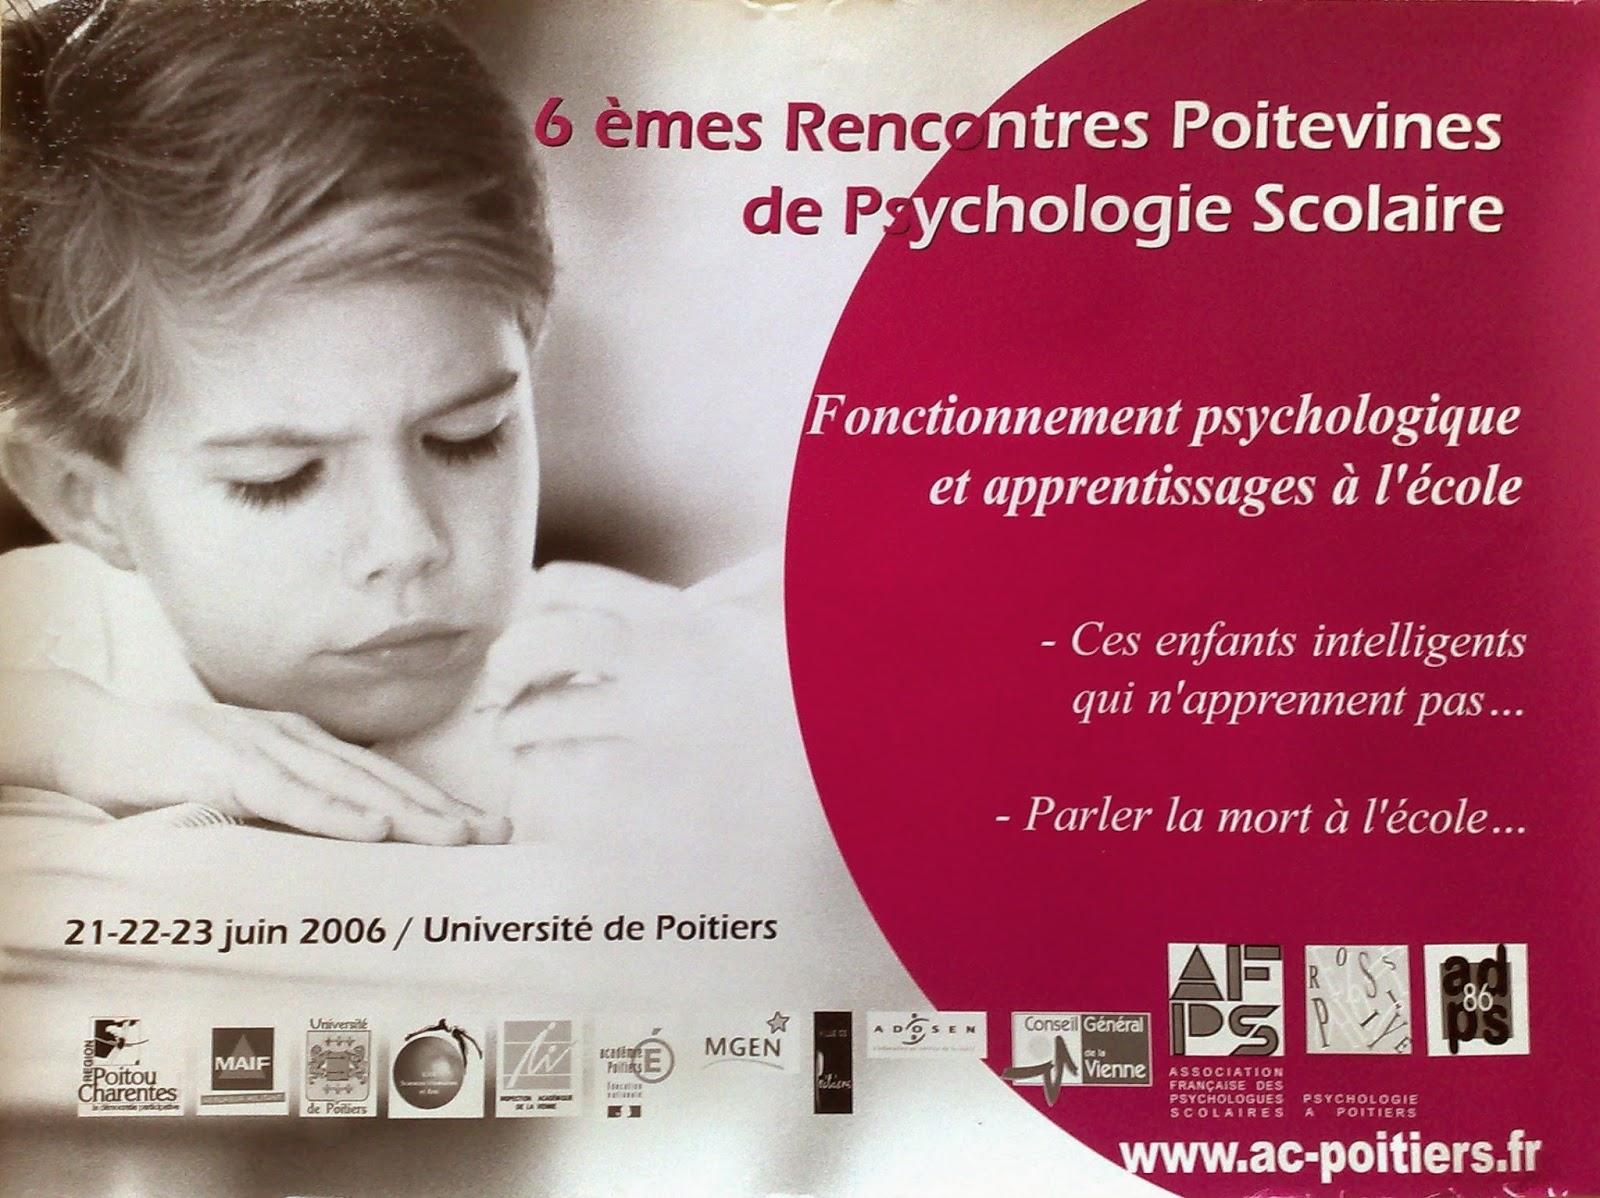 Rencontre poitevine de psychologie scolaire